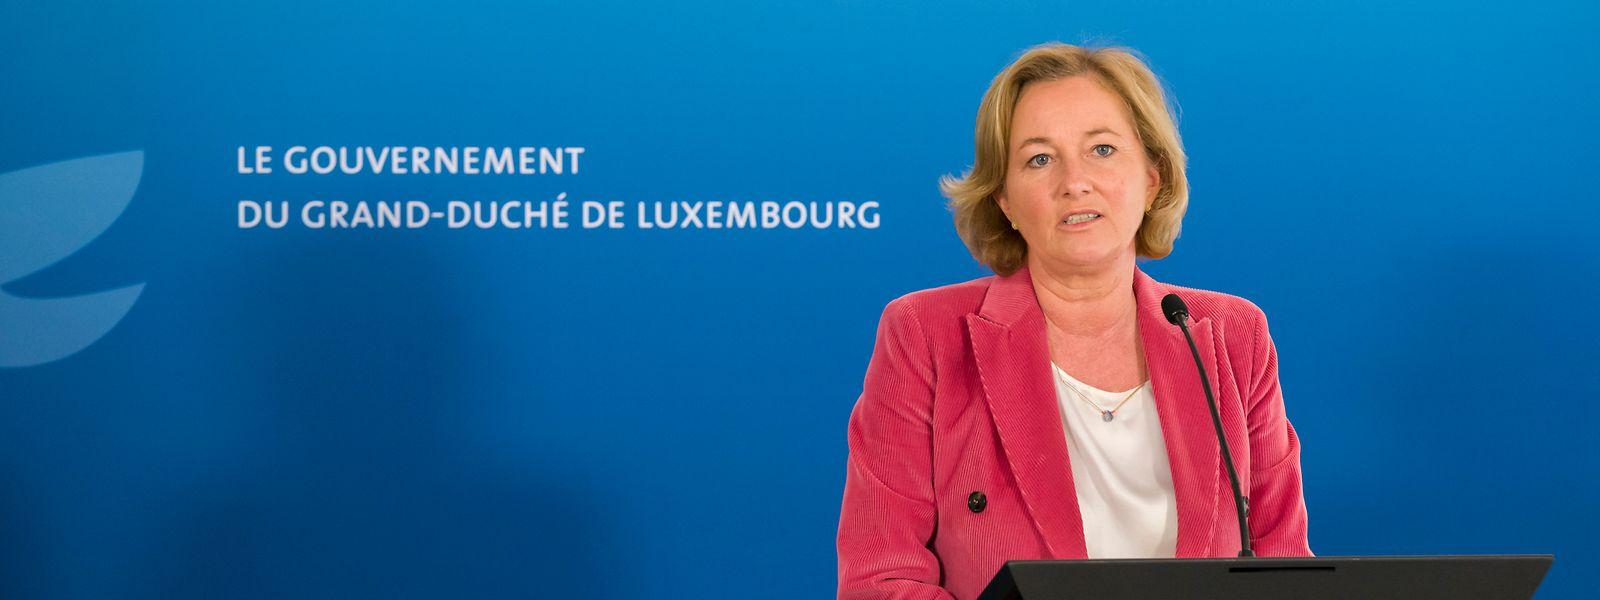 Gesundheitsministerin Paulette Lenert bei einer Pressekonferenz.